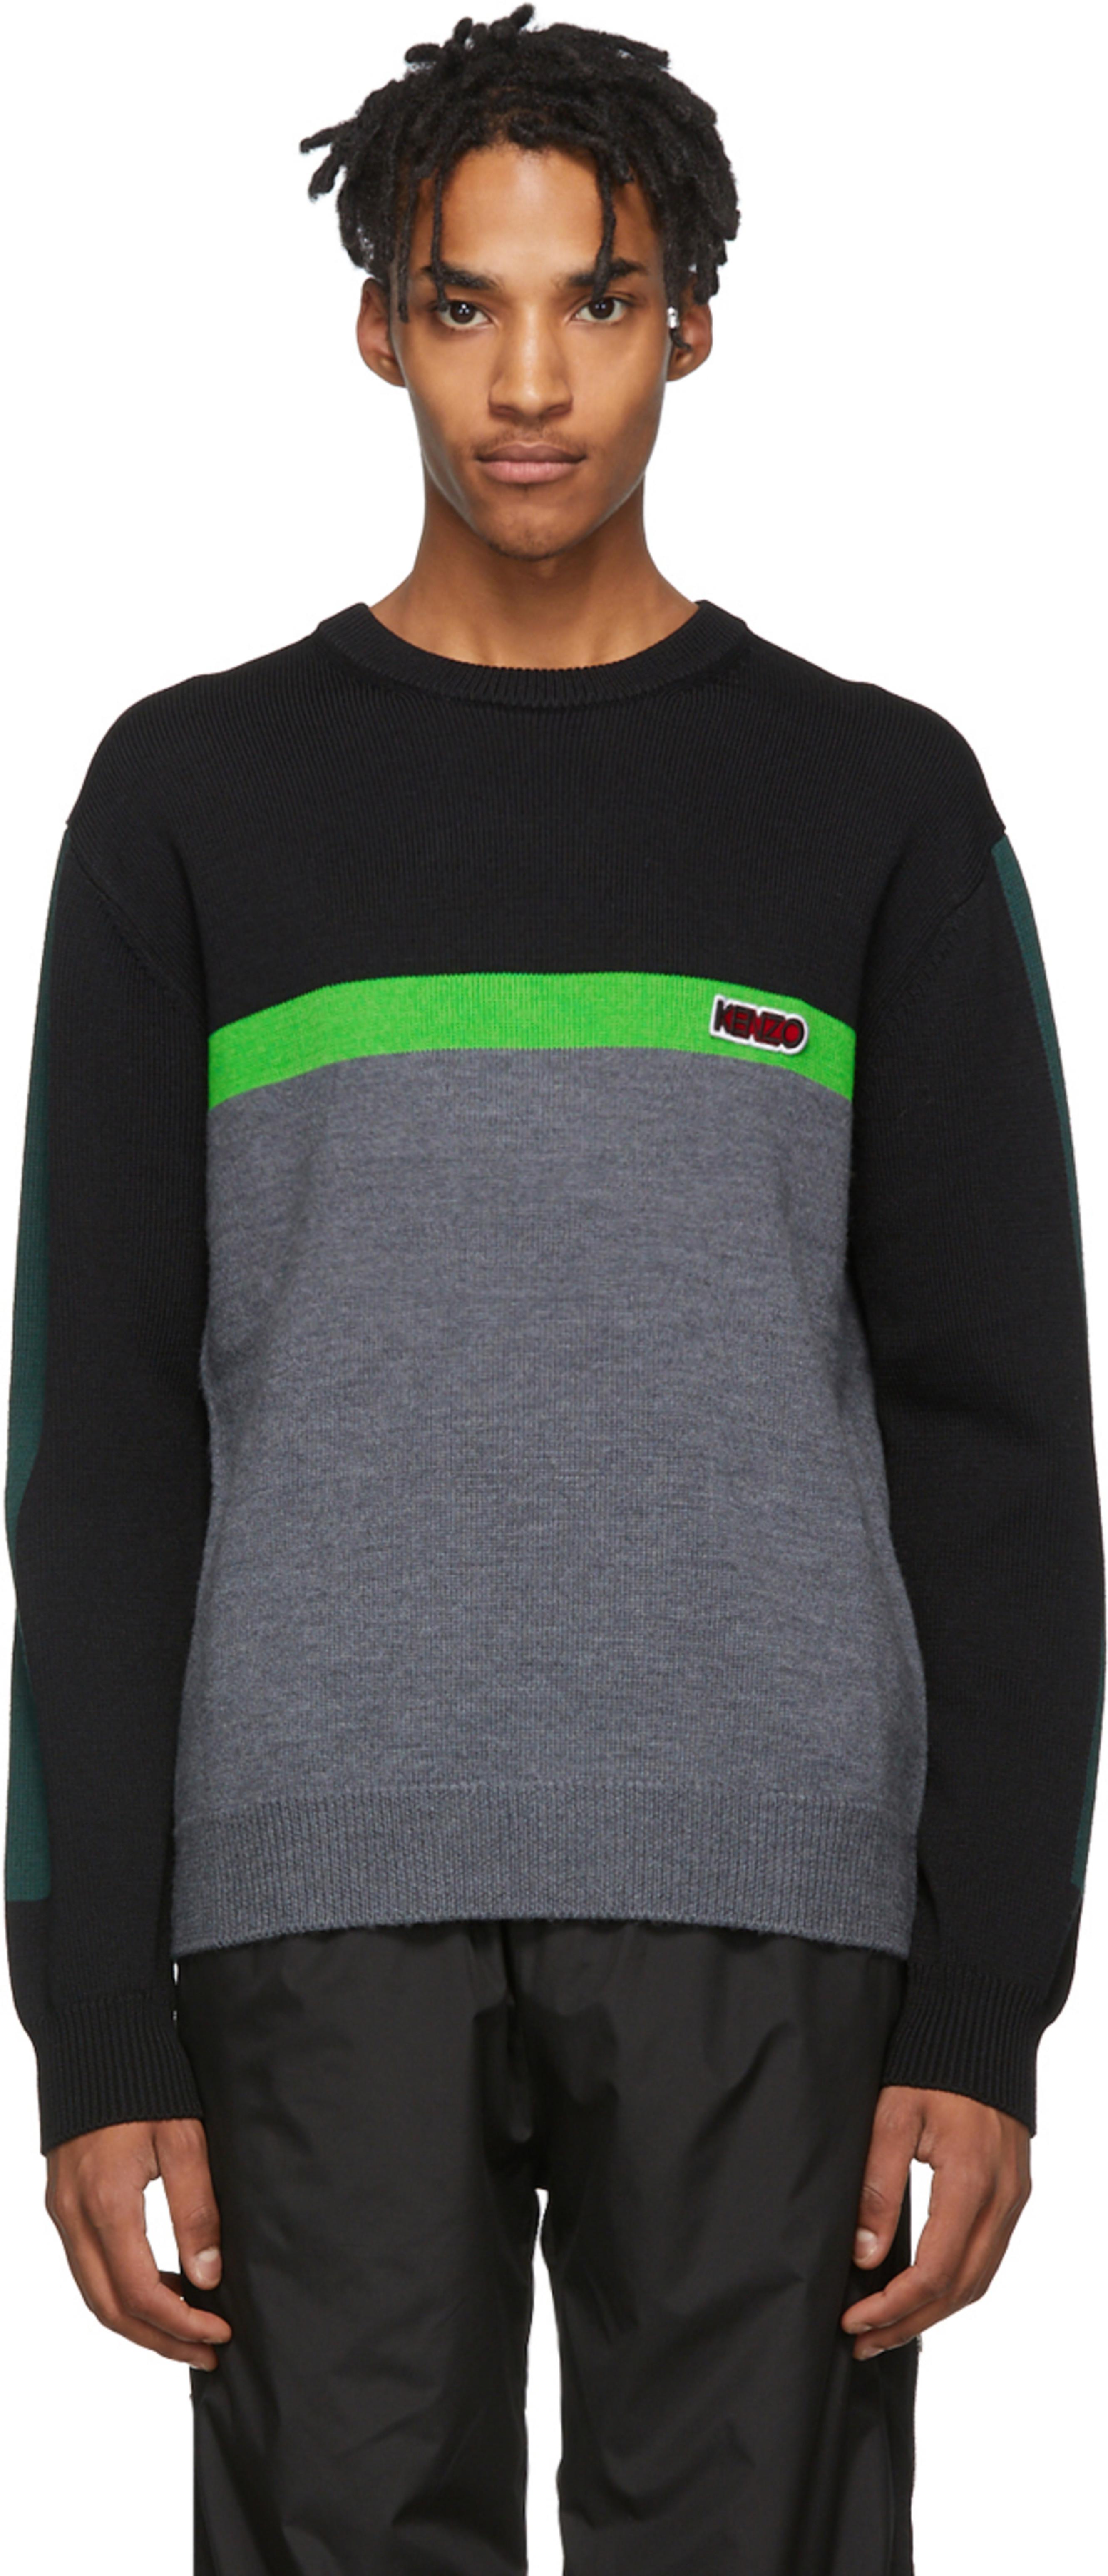 b593a8b5f2 Black & Green Colorblock Sweater